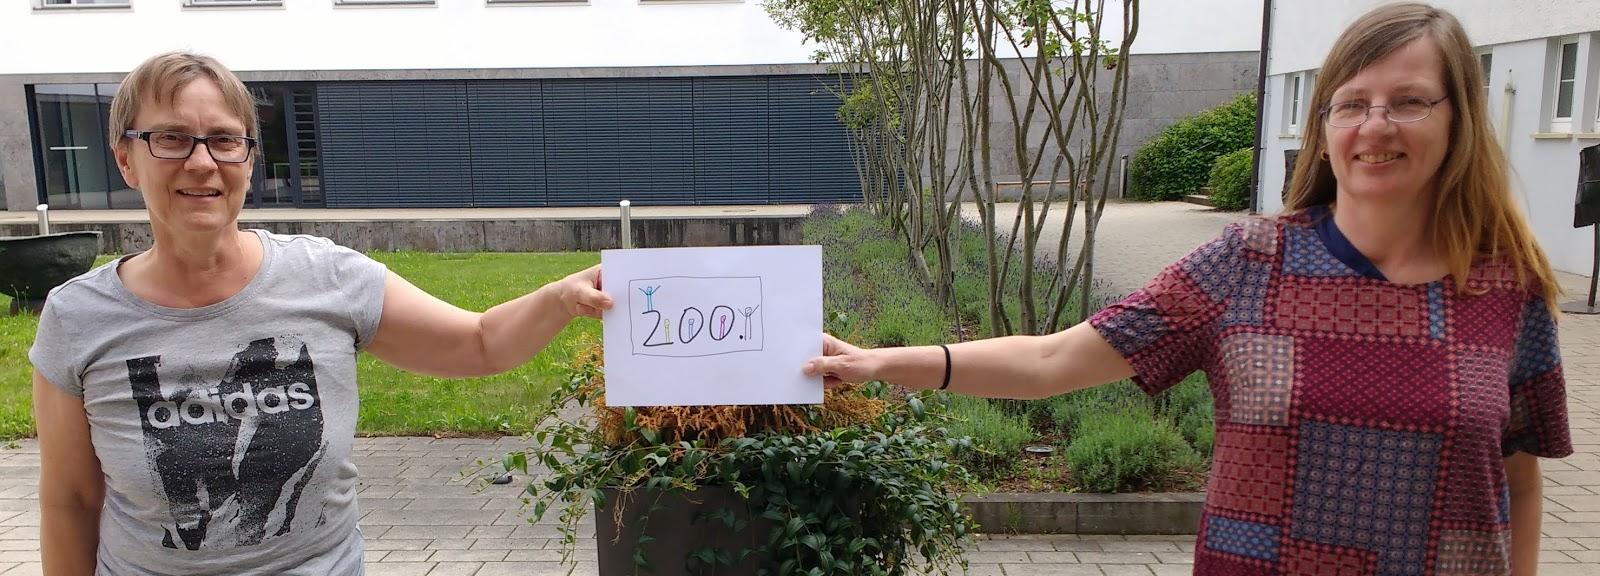 Beide Kirstens halten ein Zettel mit 200 zwischen sich